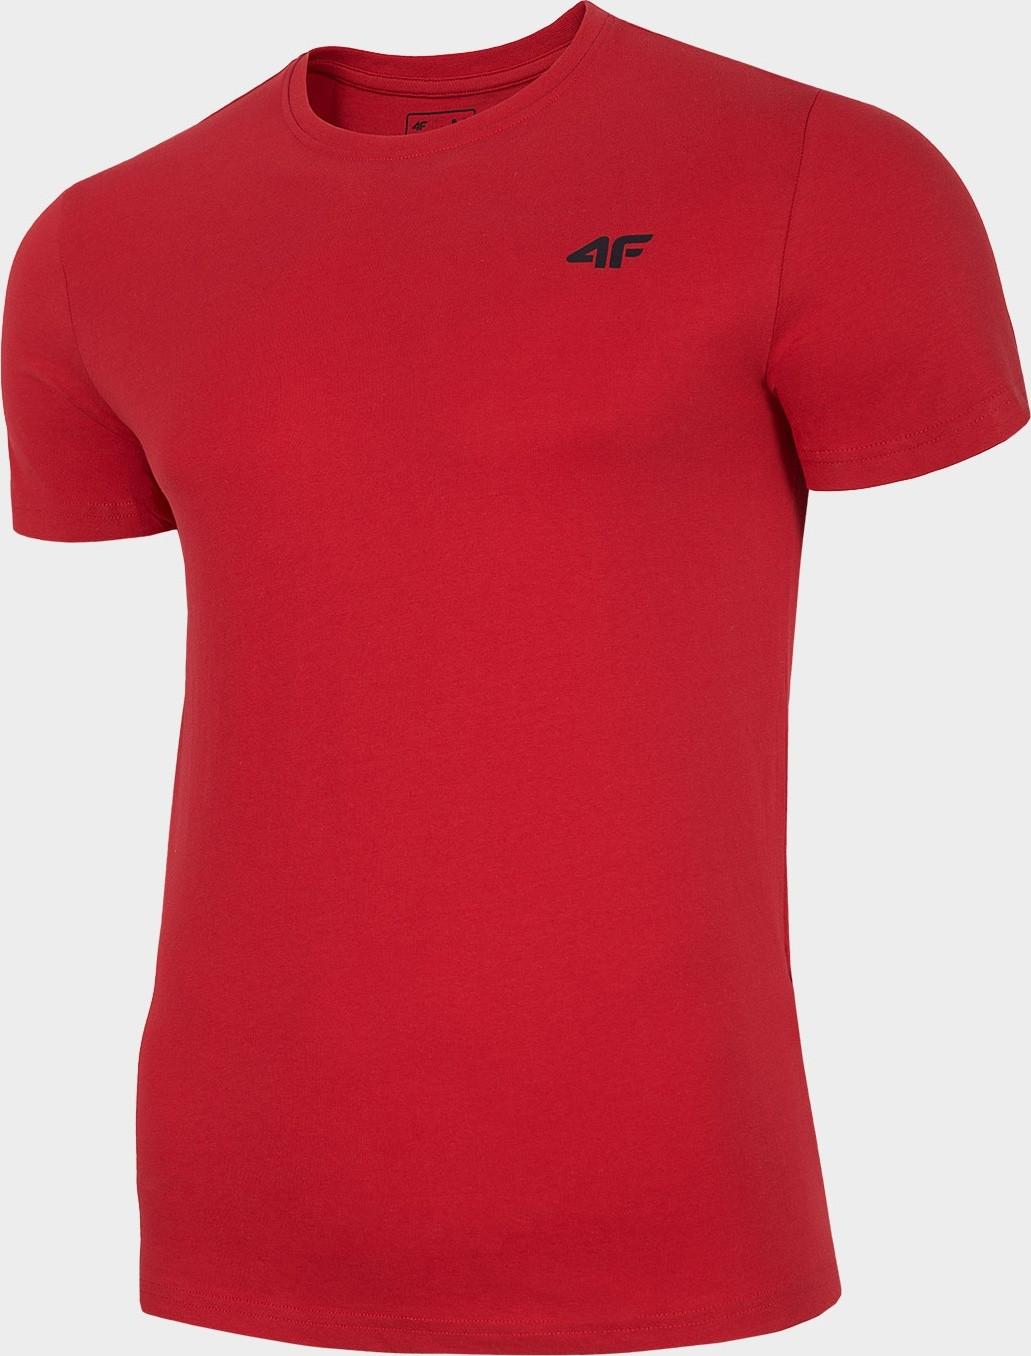 Pánske bavlnené tričko 4F TSM300 Červené červená XXL